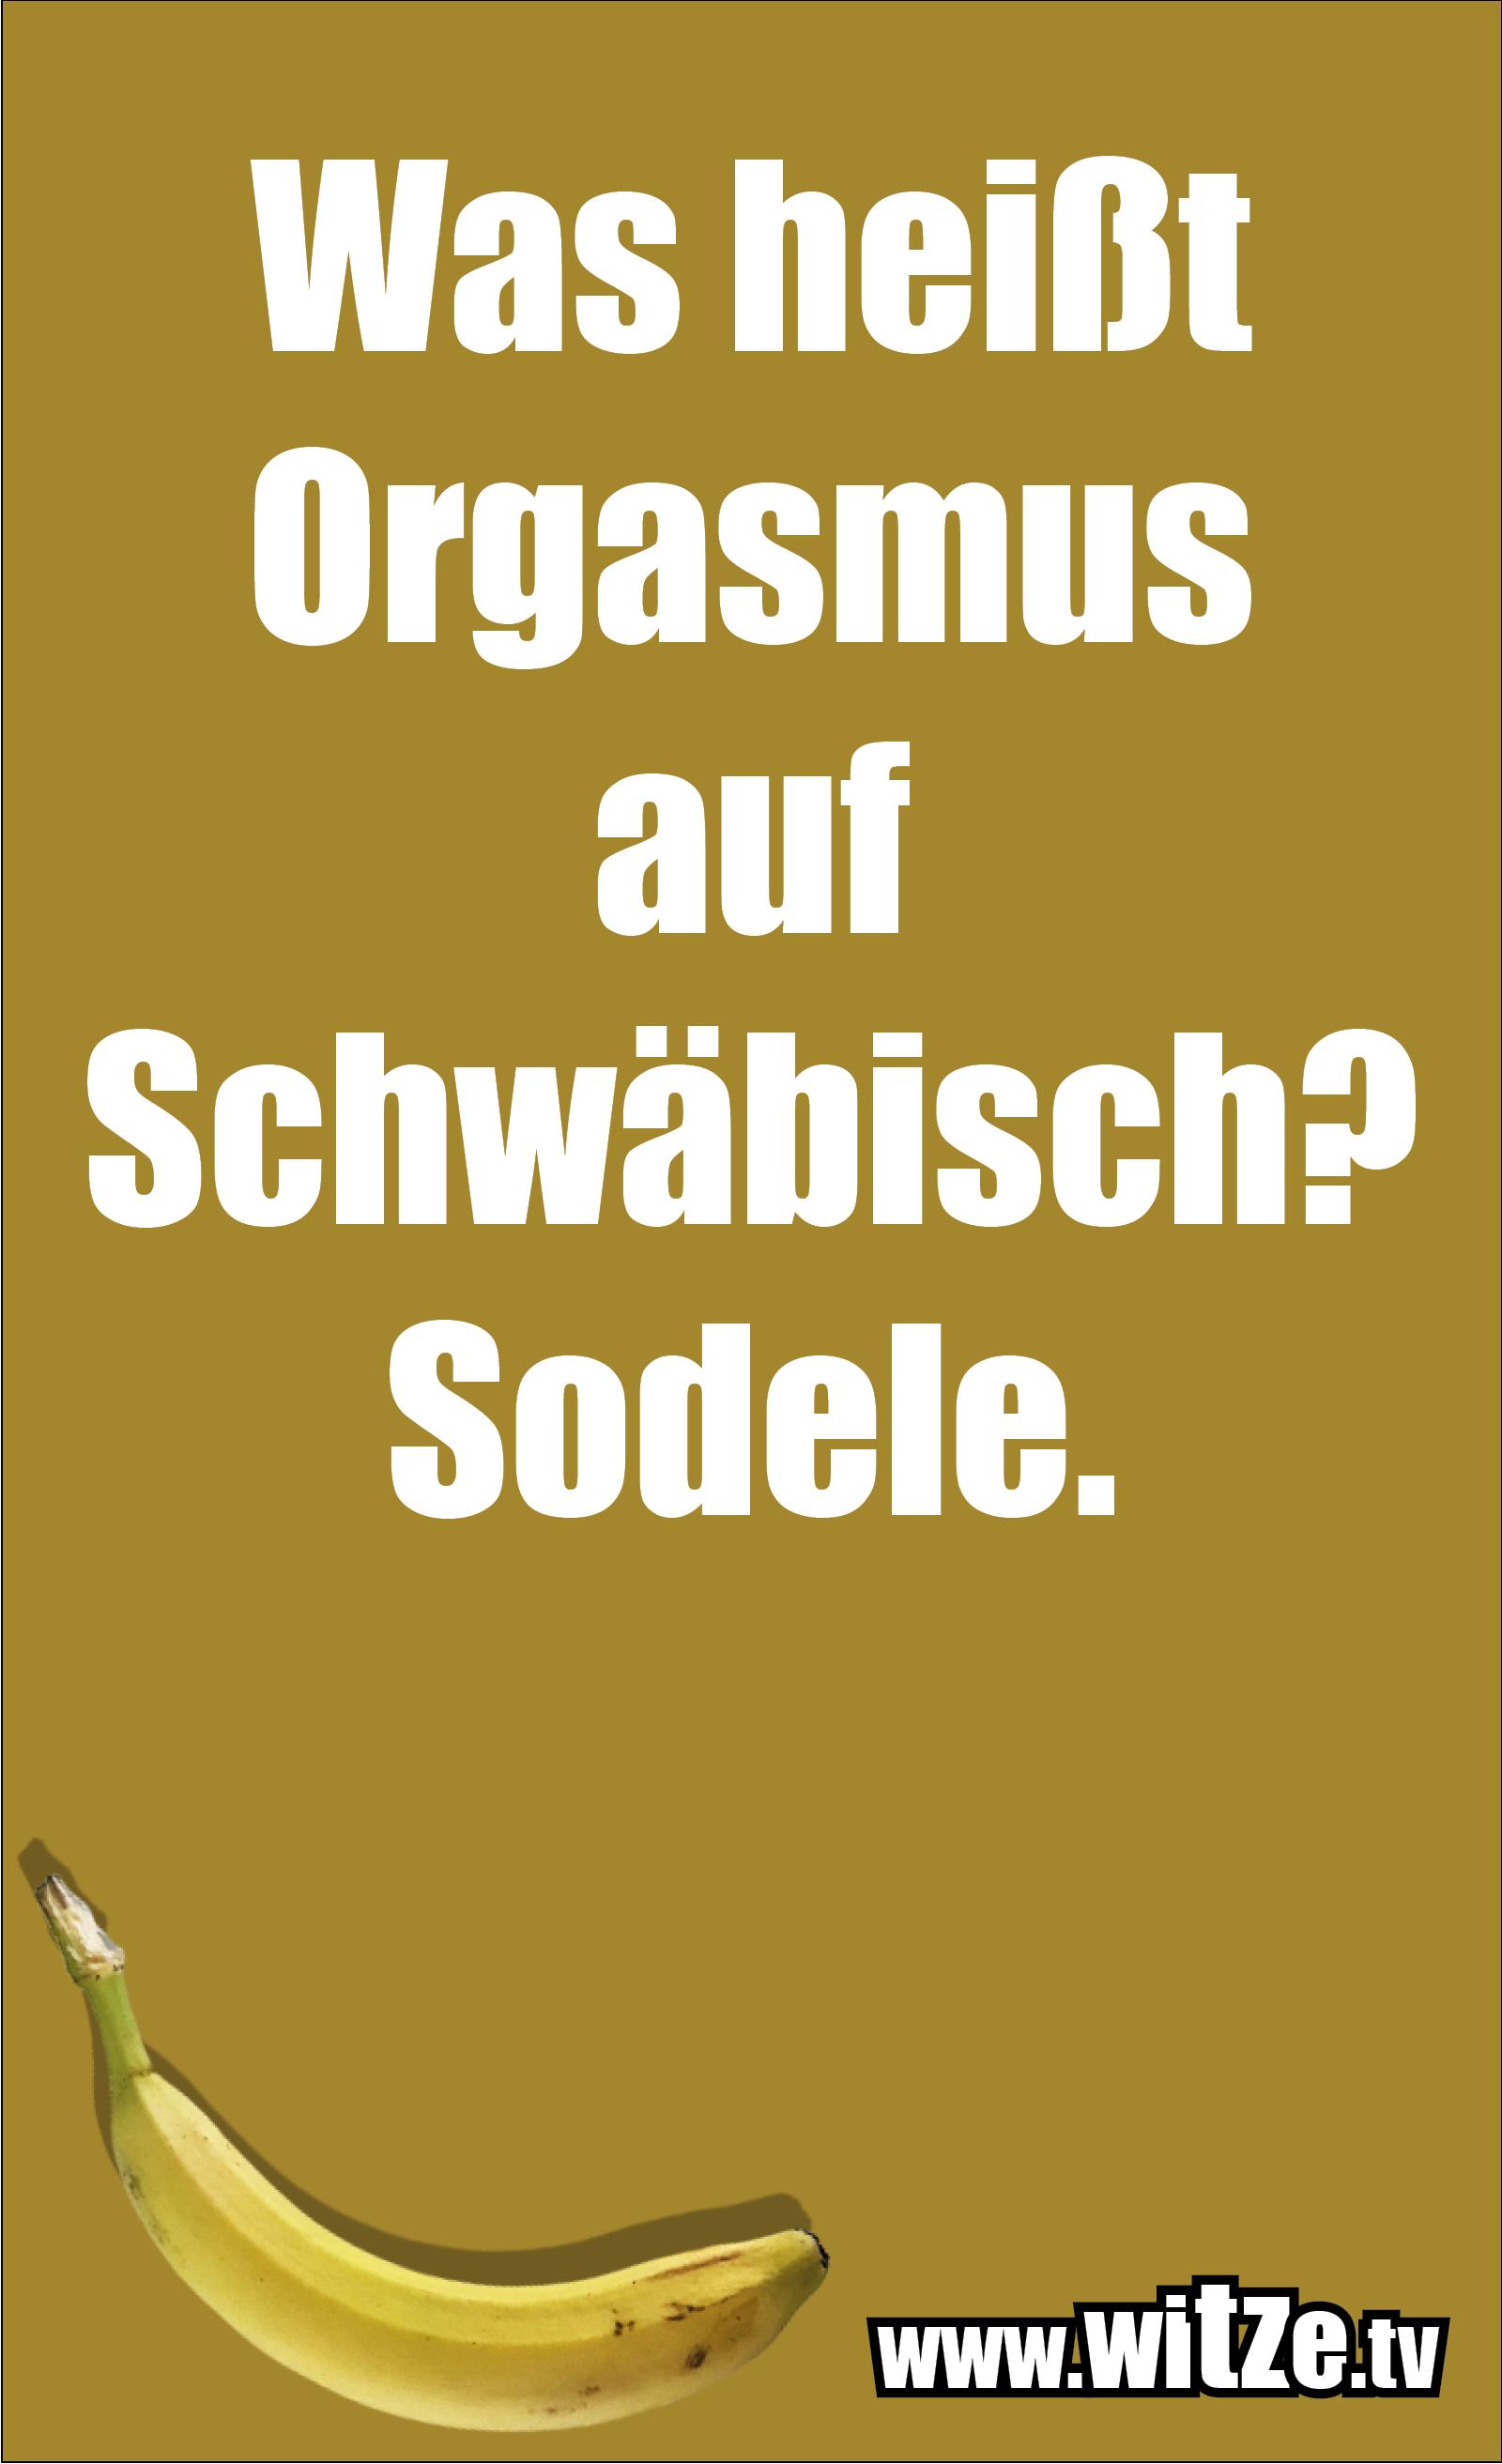 Schwaben Witz… Was heißt Orgasmus auf Schwäbisch? Sodele.